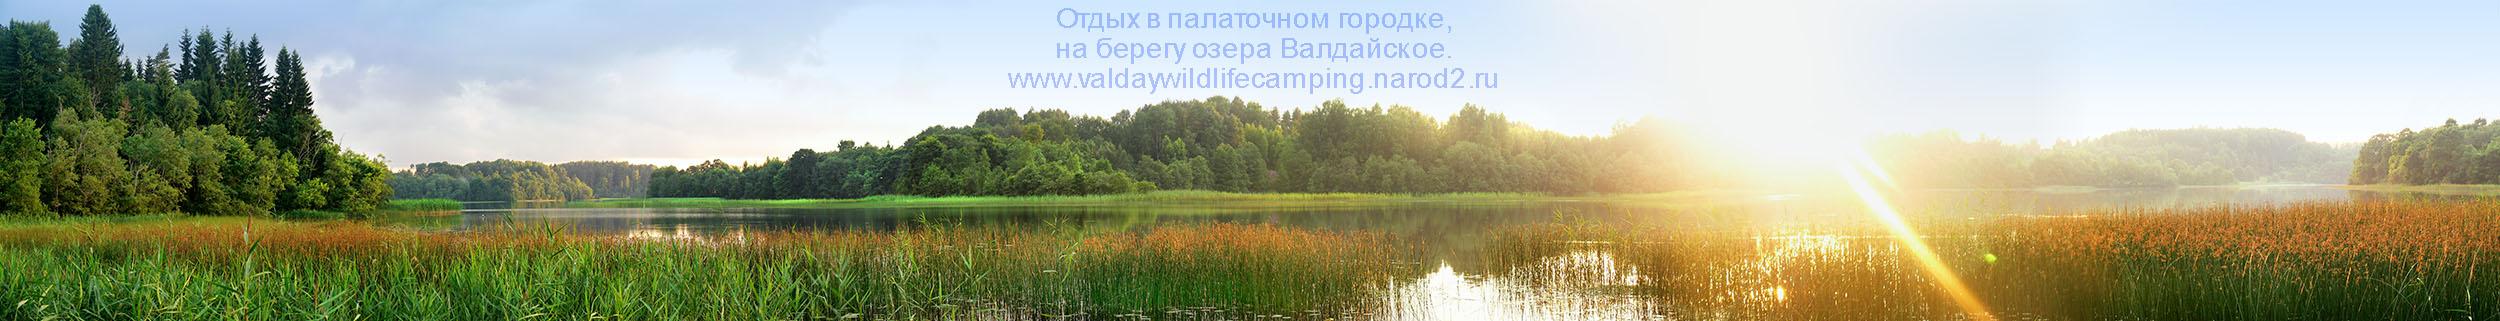 отдых на валдае, Отдых с палатками на берегу озера Валдай, отдых с палатками дикарем, палаточный городок, палаточный лагерь, отдых на берегу озера валдай, палаточный городок, кемпинг, семейный кемпинг